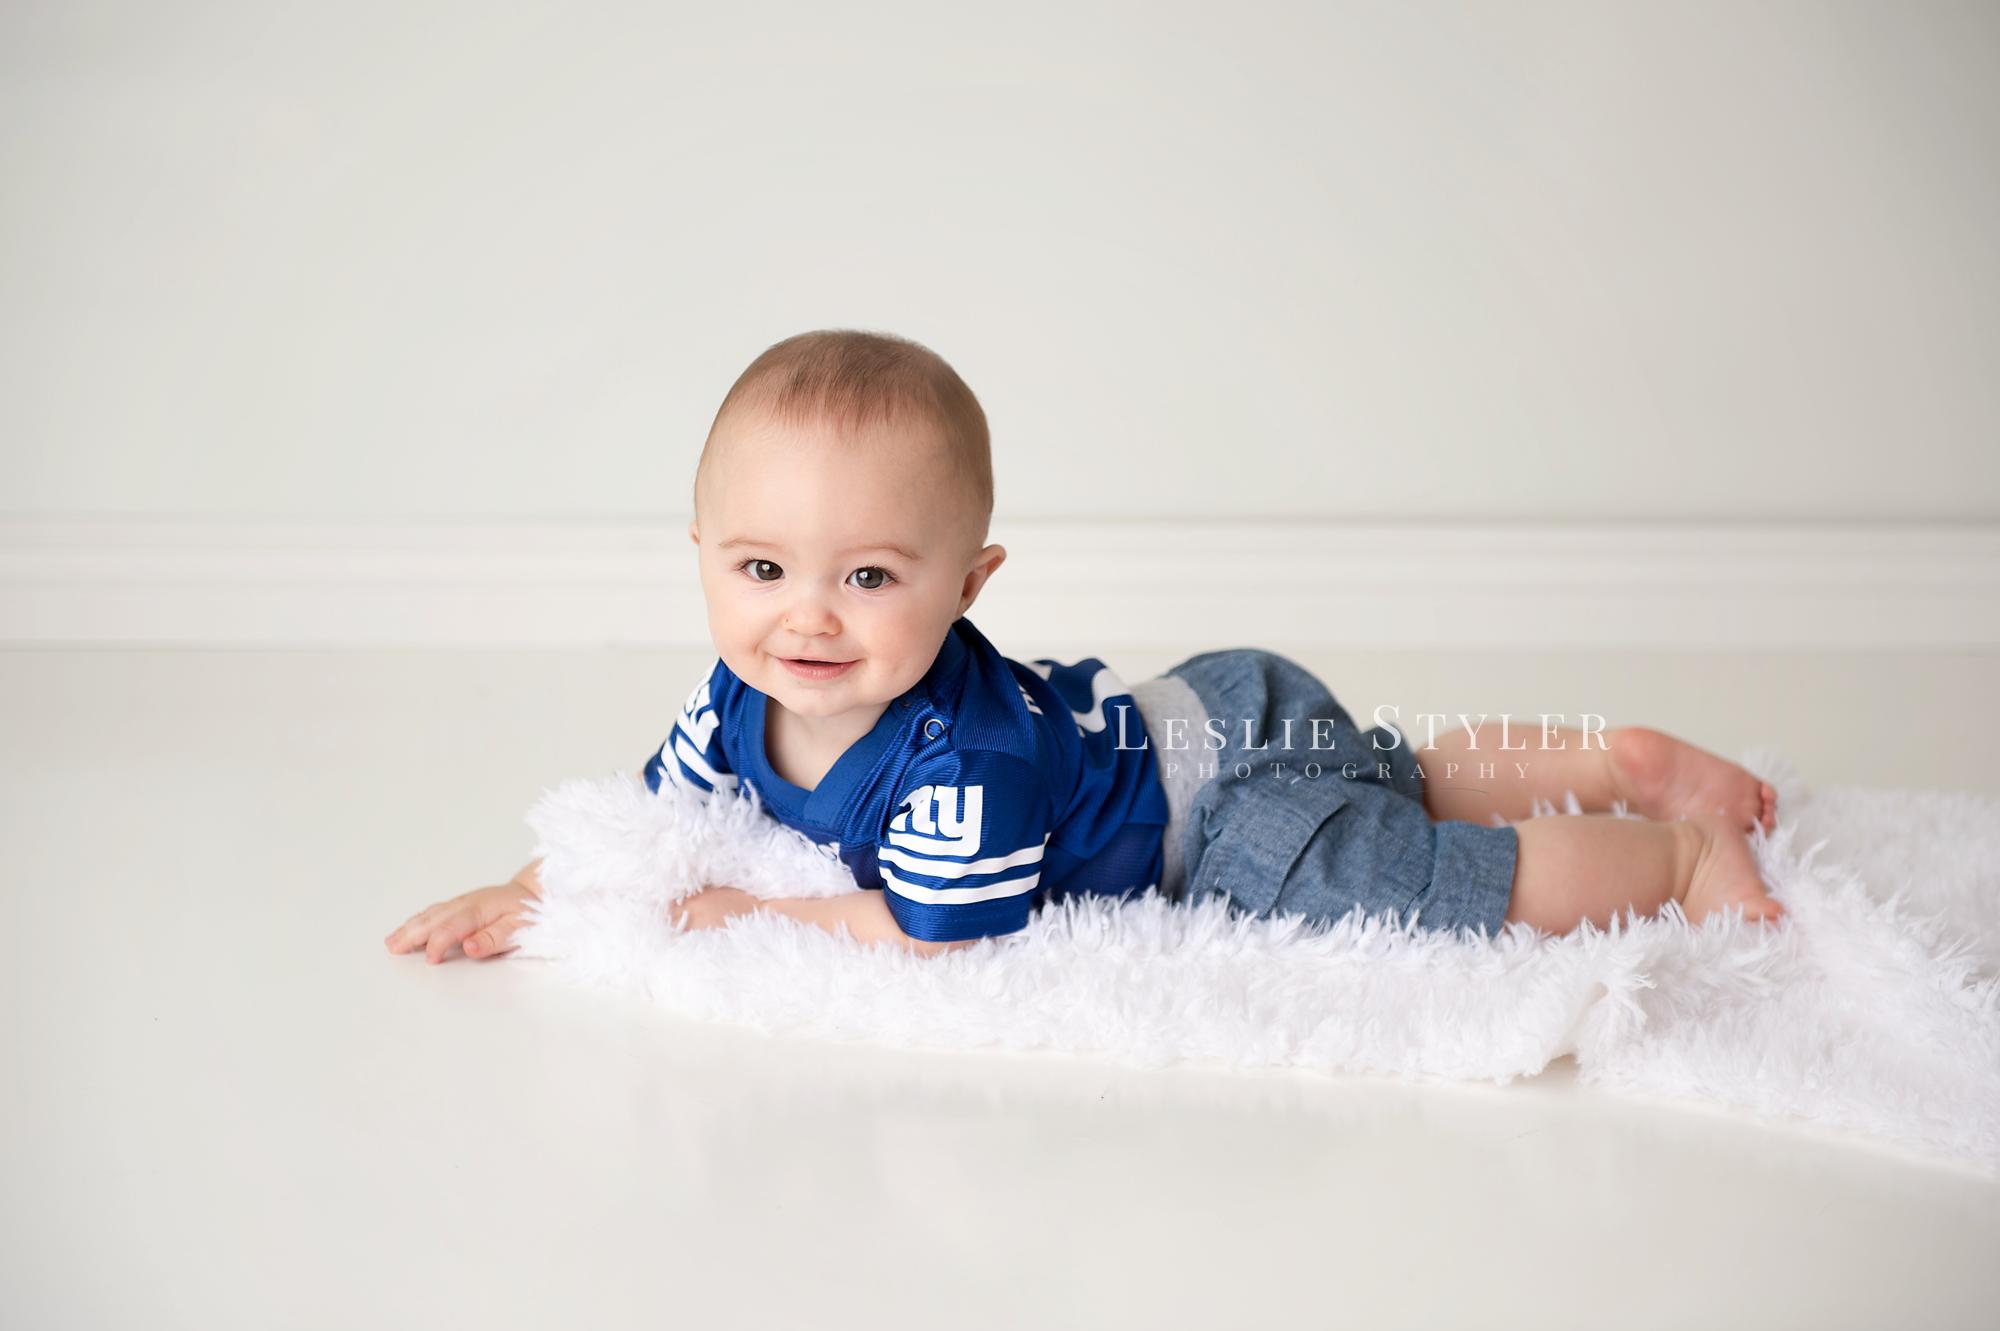 Baby slideshow here